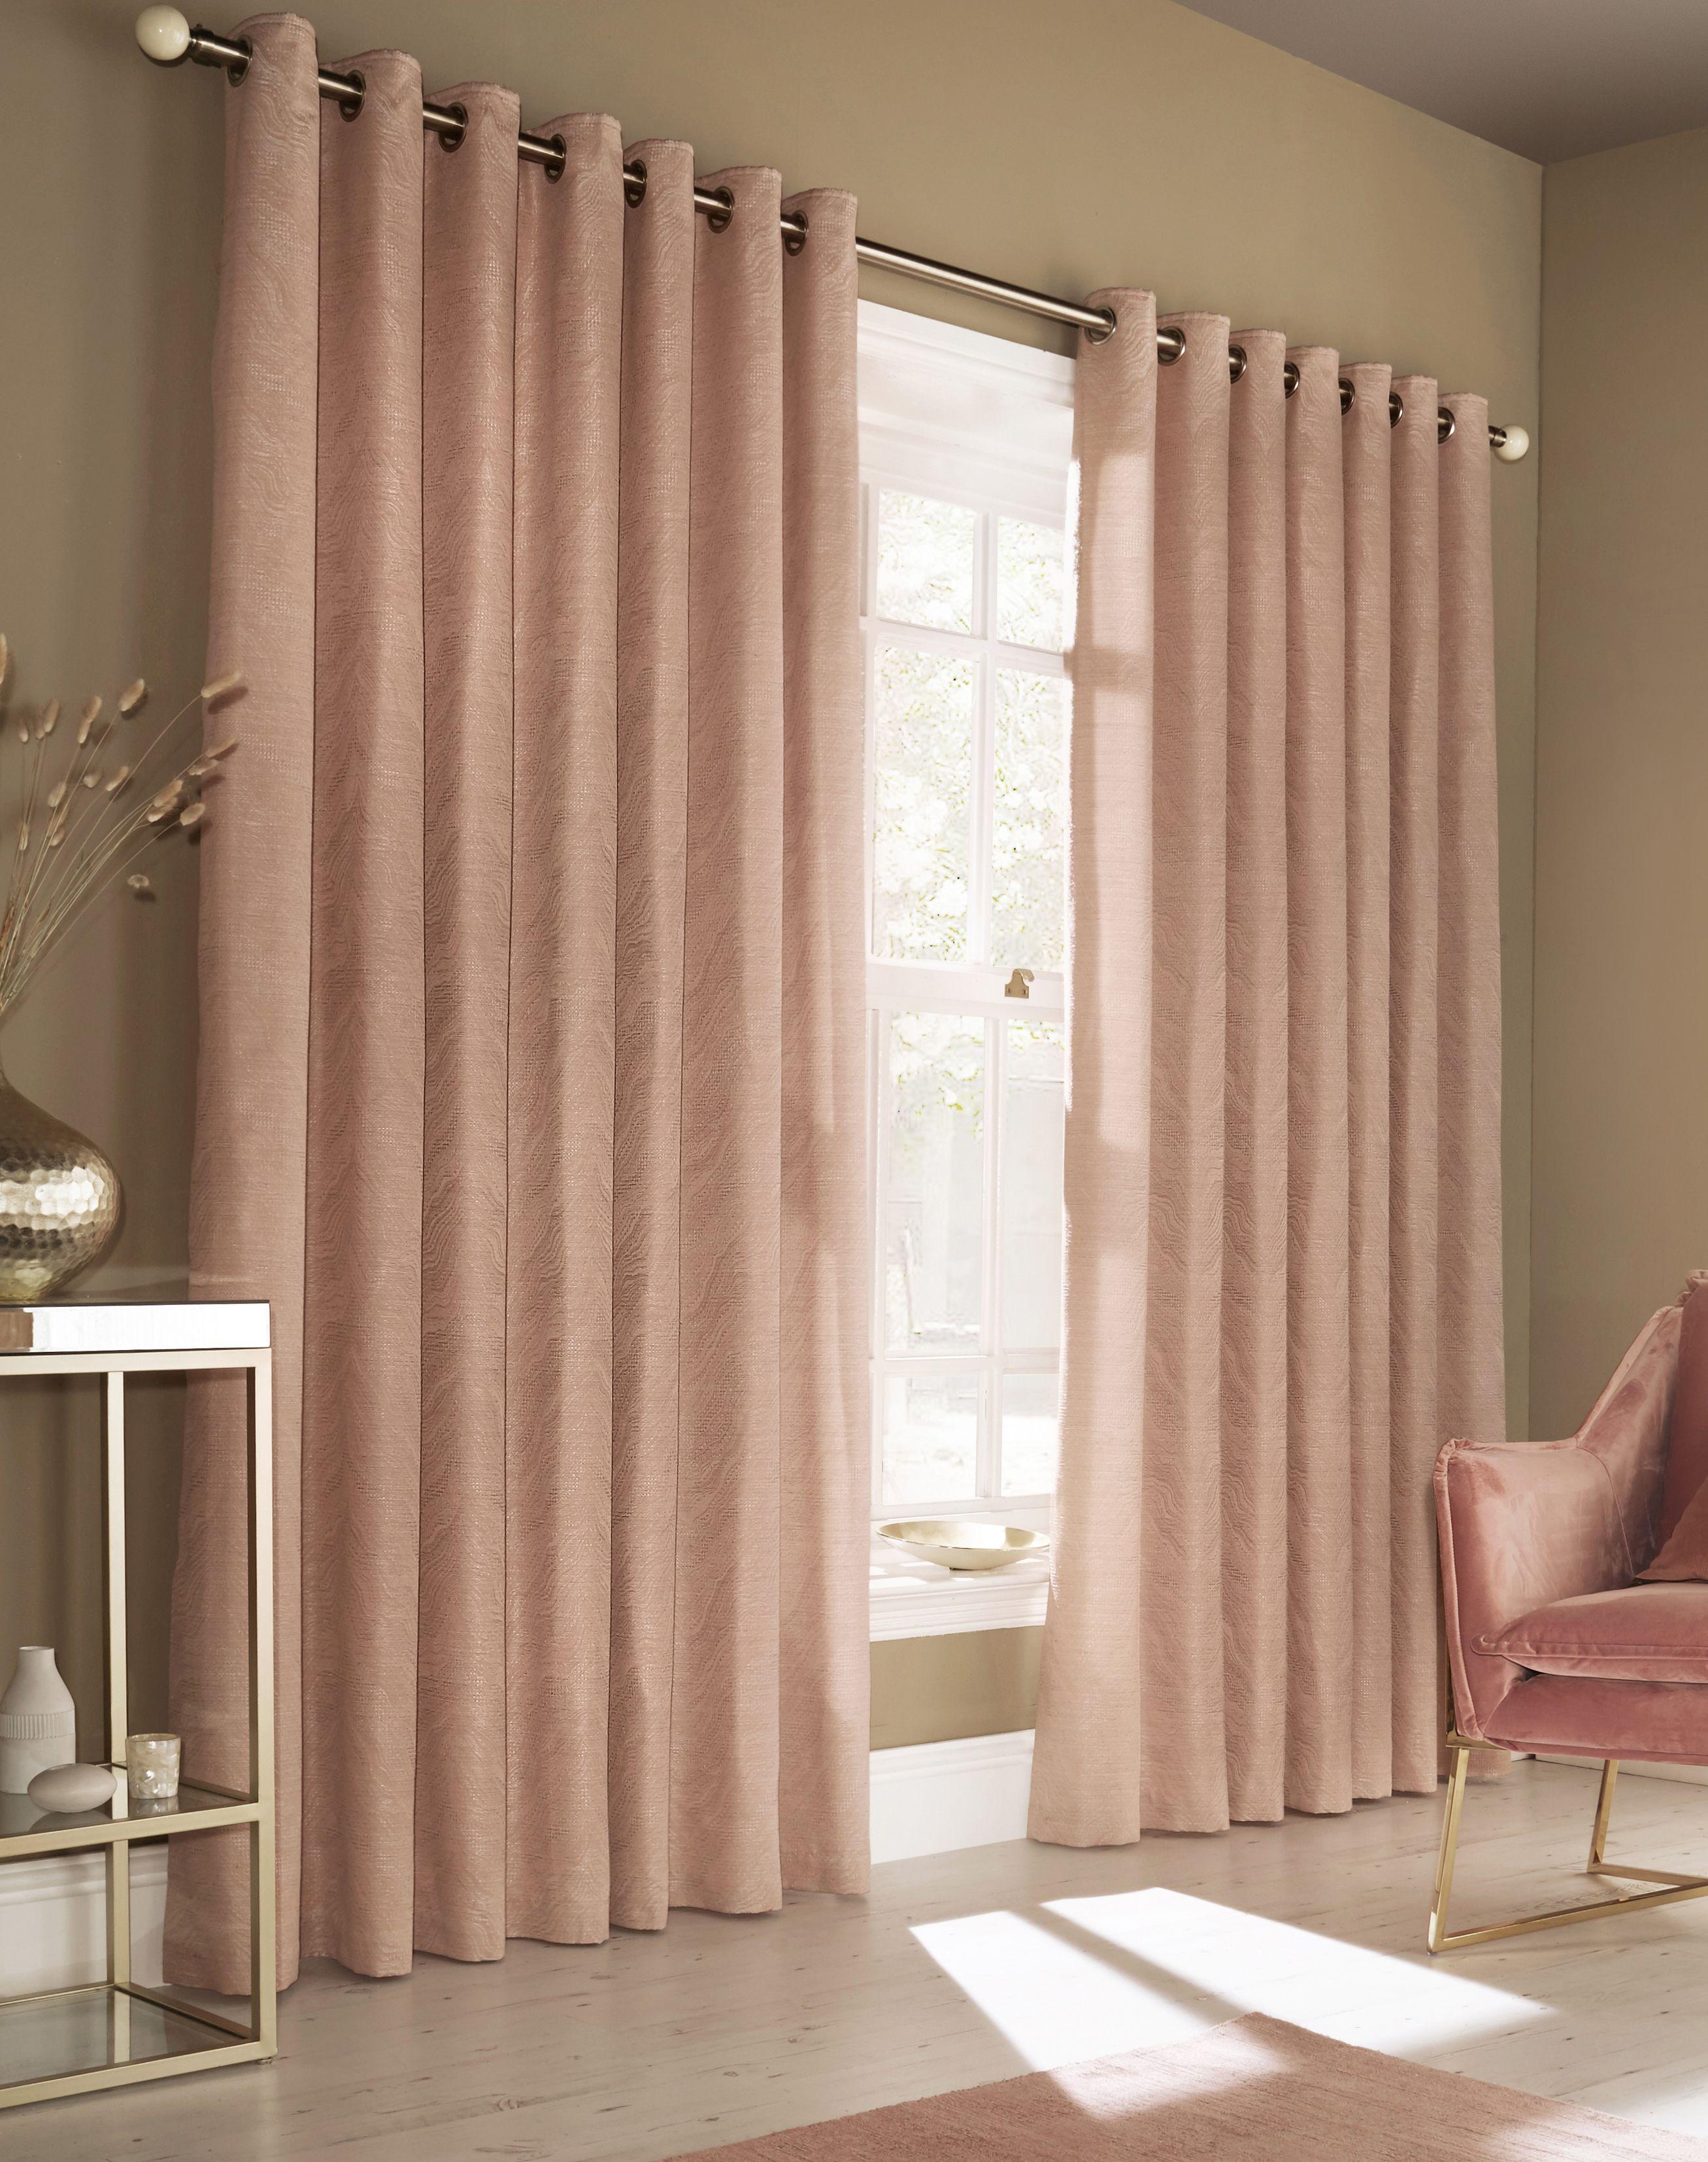 Himalaya Jacquard Eyelet Curtains in Blush